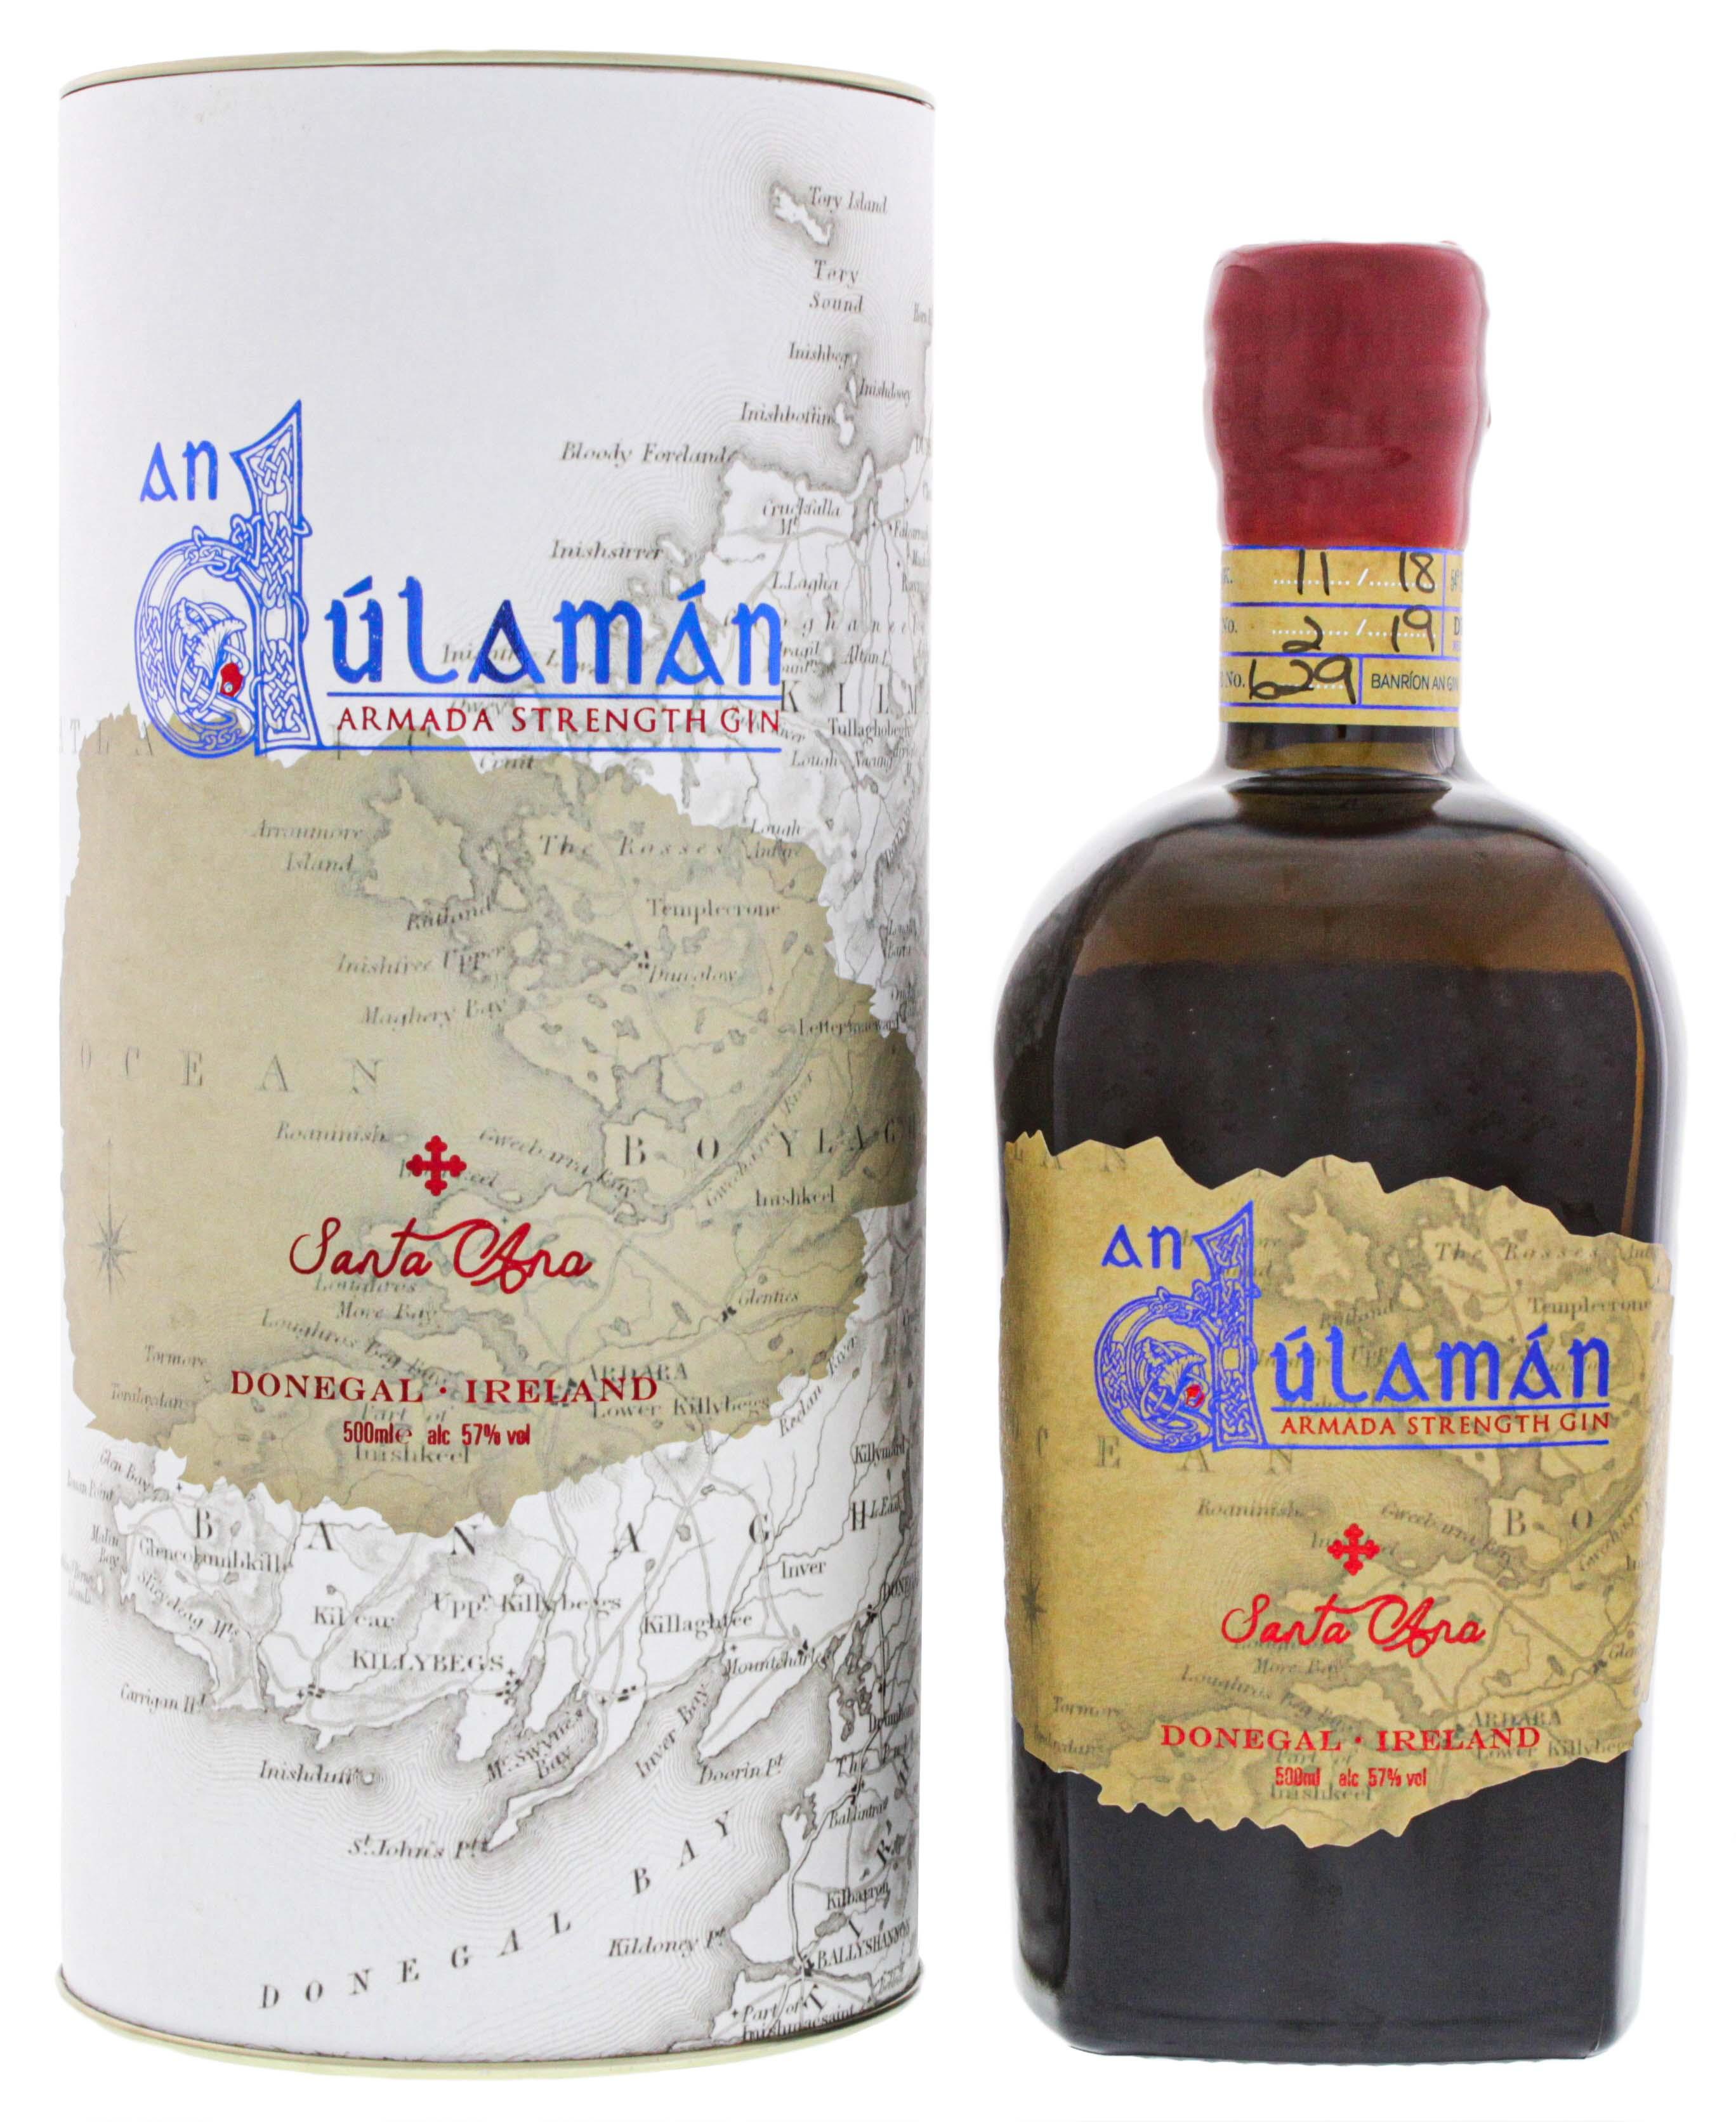 An Dulaman Santa Ana Armada Strength Gin 0,5L